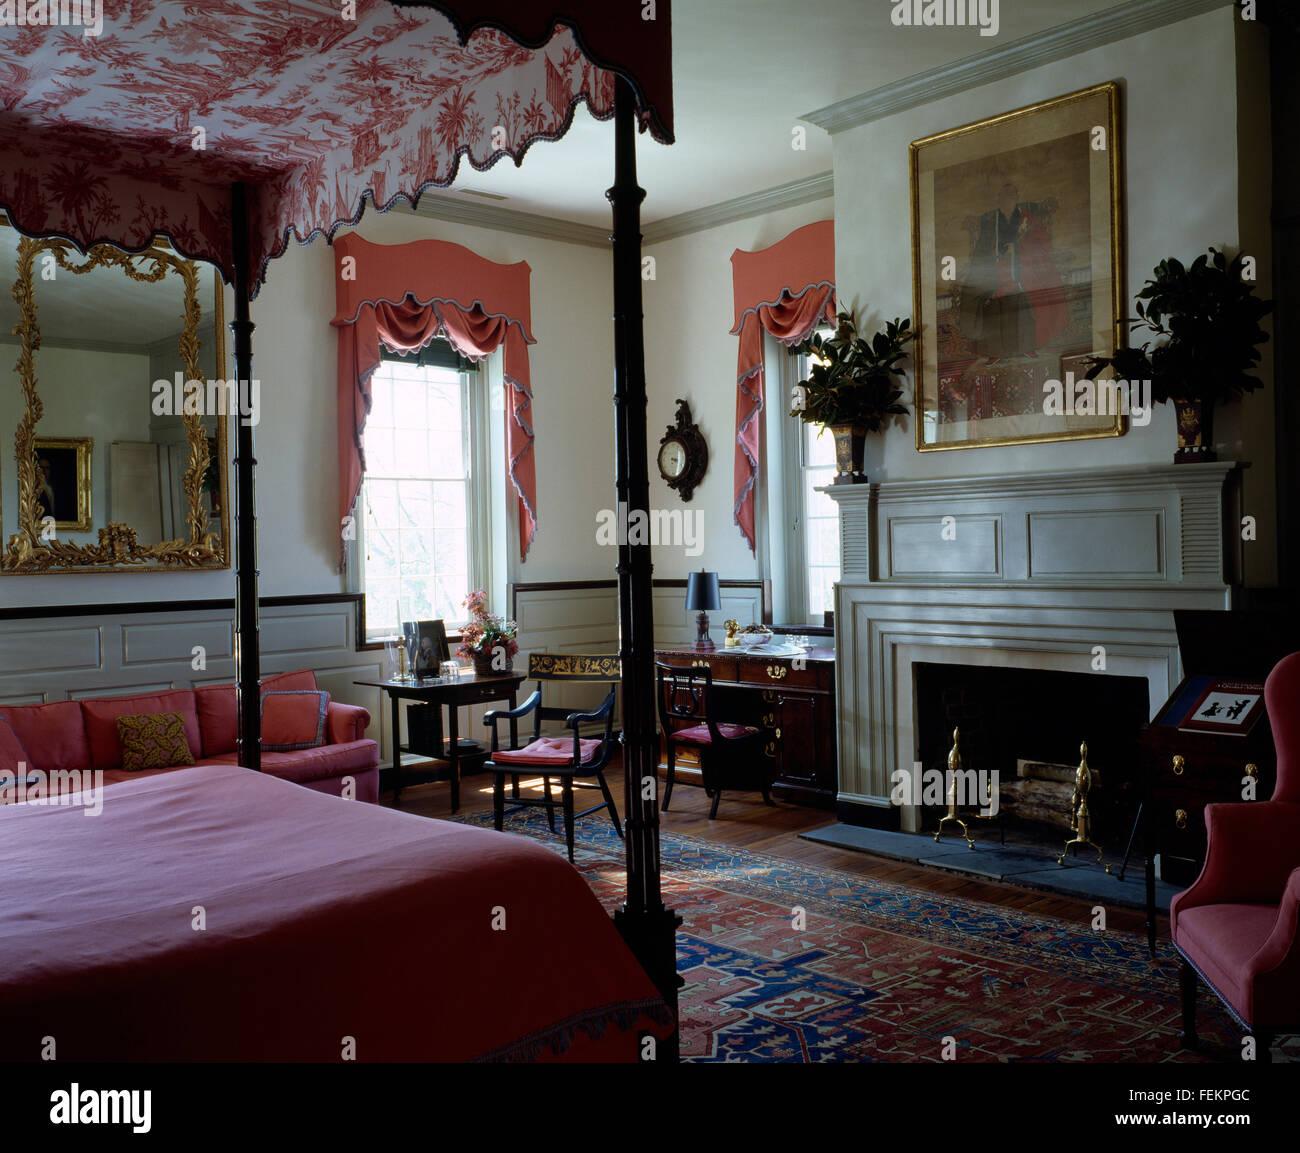 Jahrhundert Historischen Föderation Ära Haus Traditionelle Möbel Des  Zeitraums In Einem Schlafzimmer Vier